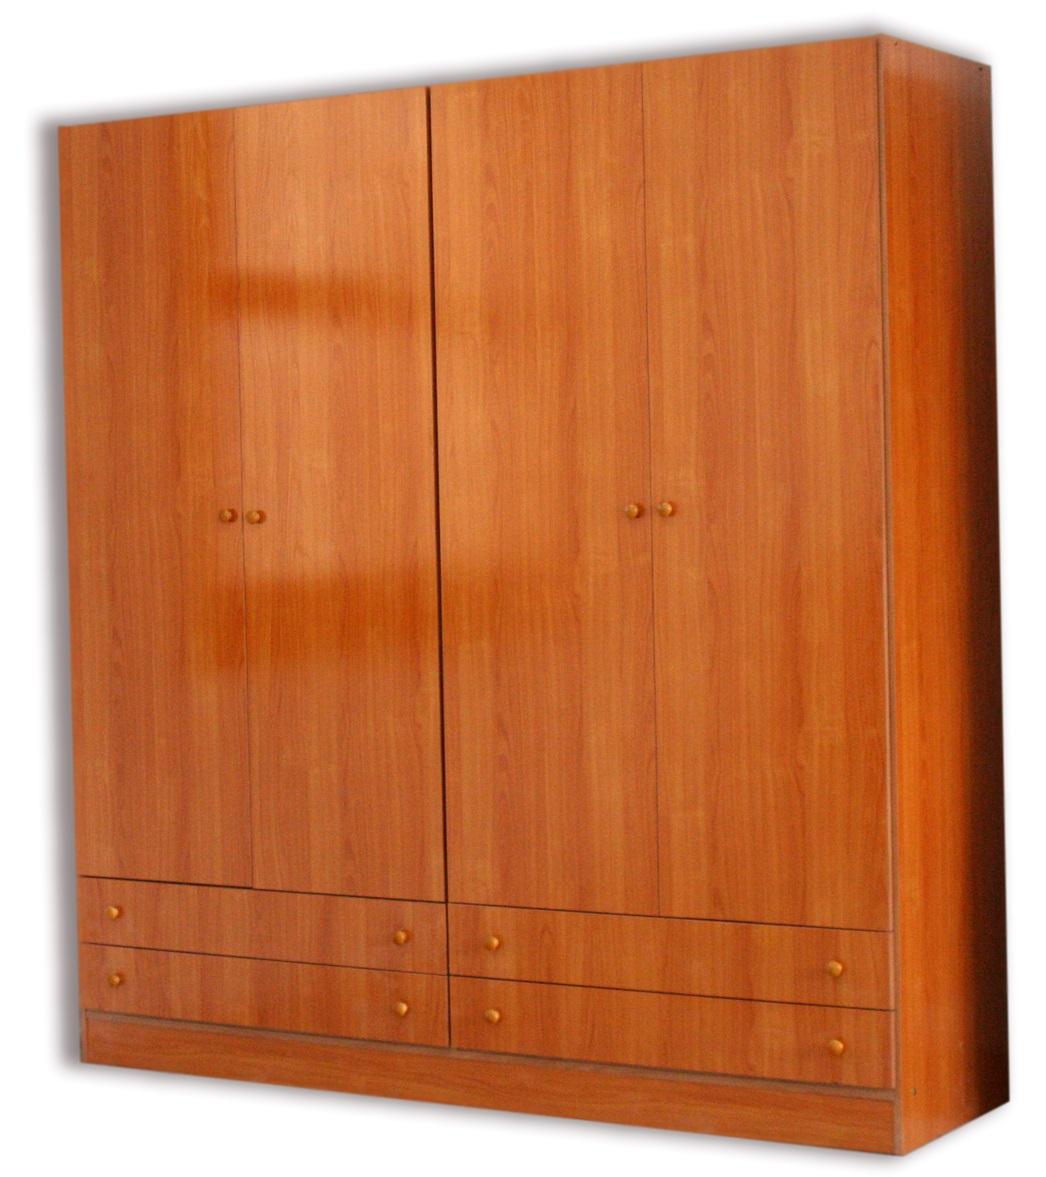 Muebles roble navarra 20170901104819 for Muebles de cocina juan carlos madrid